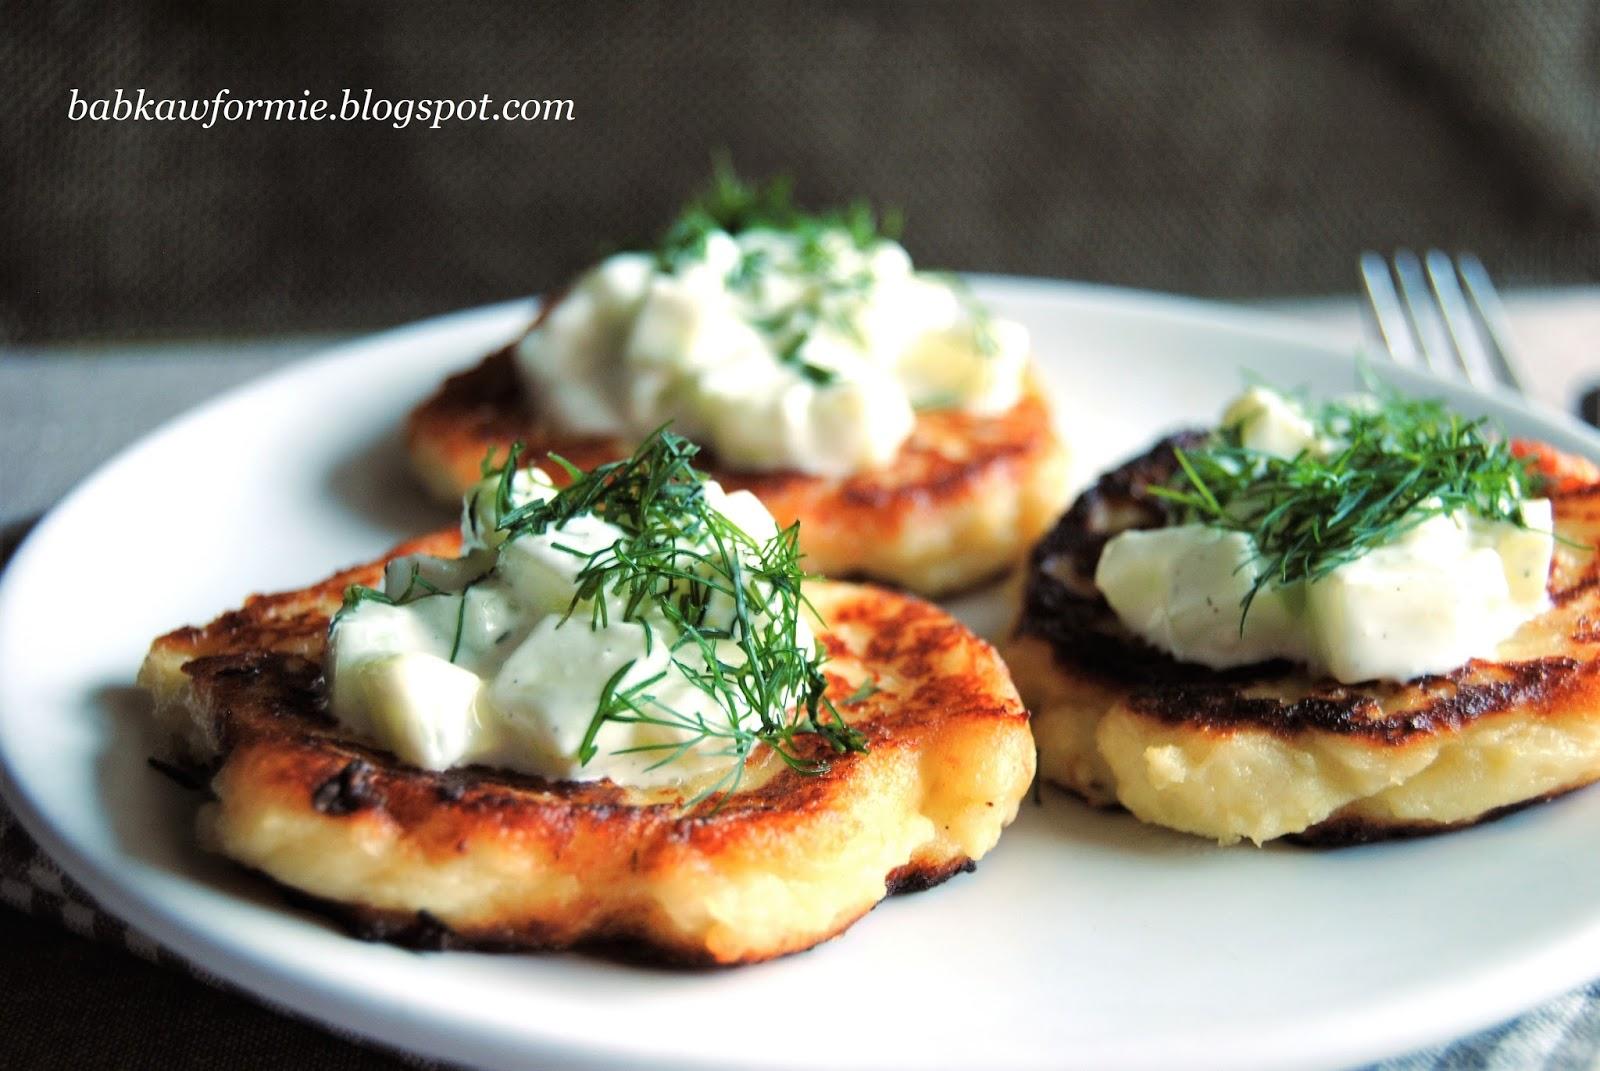 moskole goralskie placki z gotowanych ziemniaków babkawformie.blogspot.com